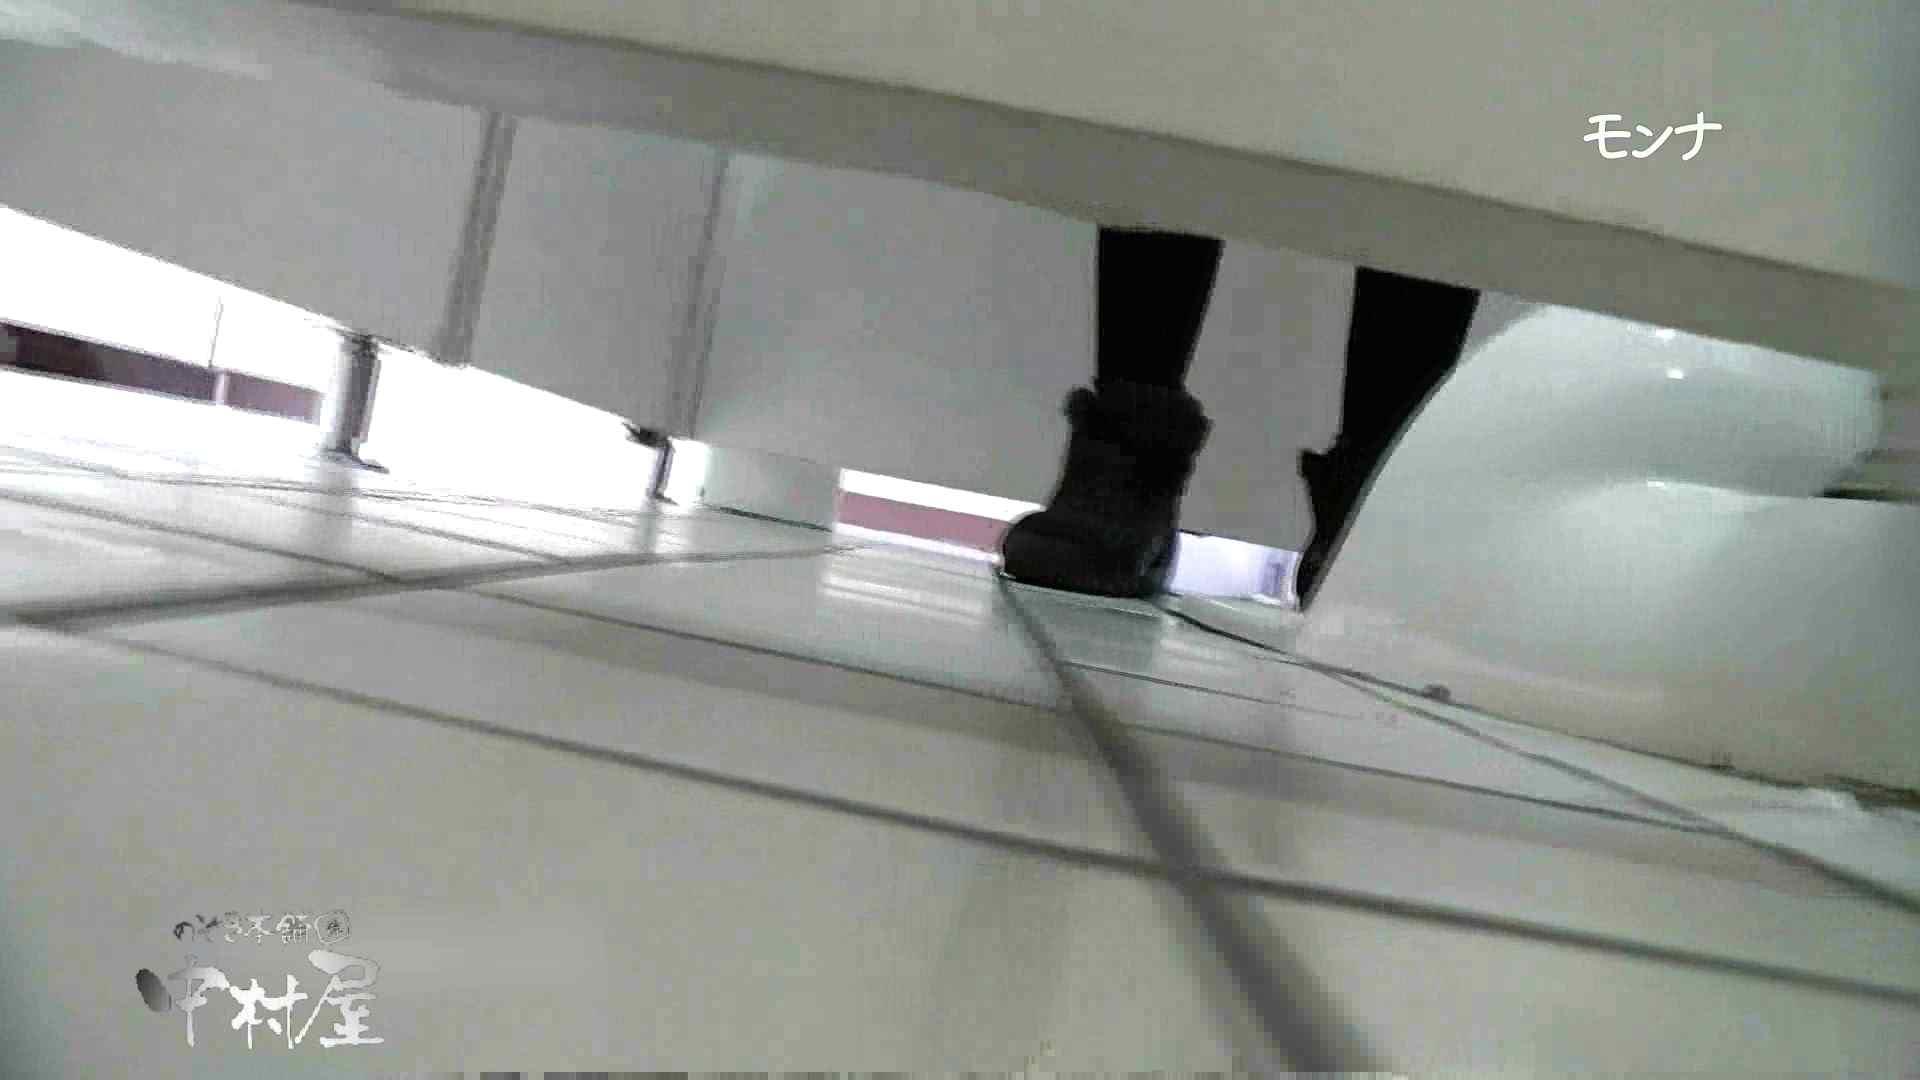 【美しい日本の未来】遂に!!戸田恵梨香似の予告モデル登場ダッシュで「大」後編 おまんこ無修正  59画像 51